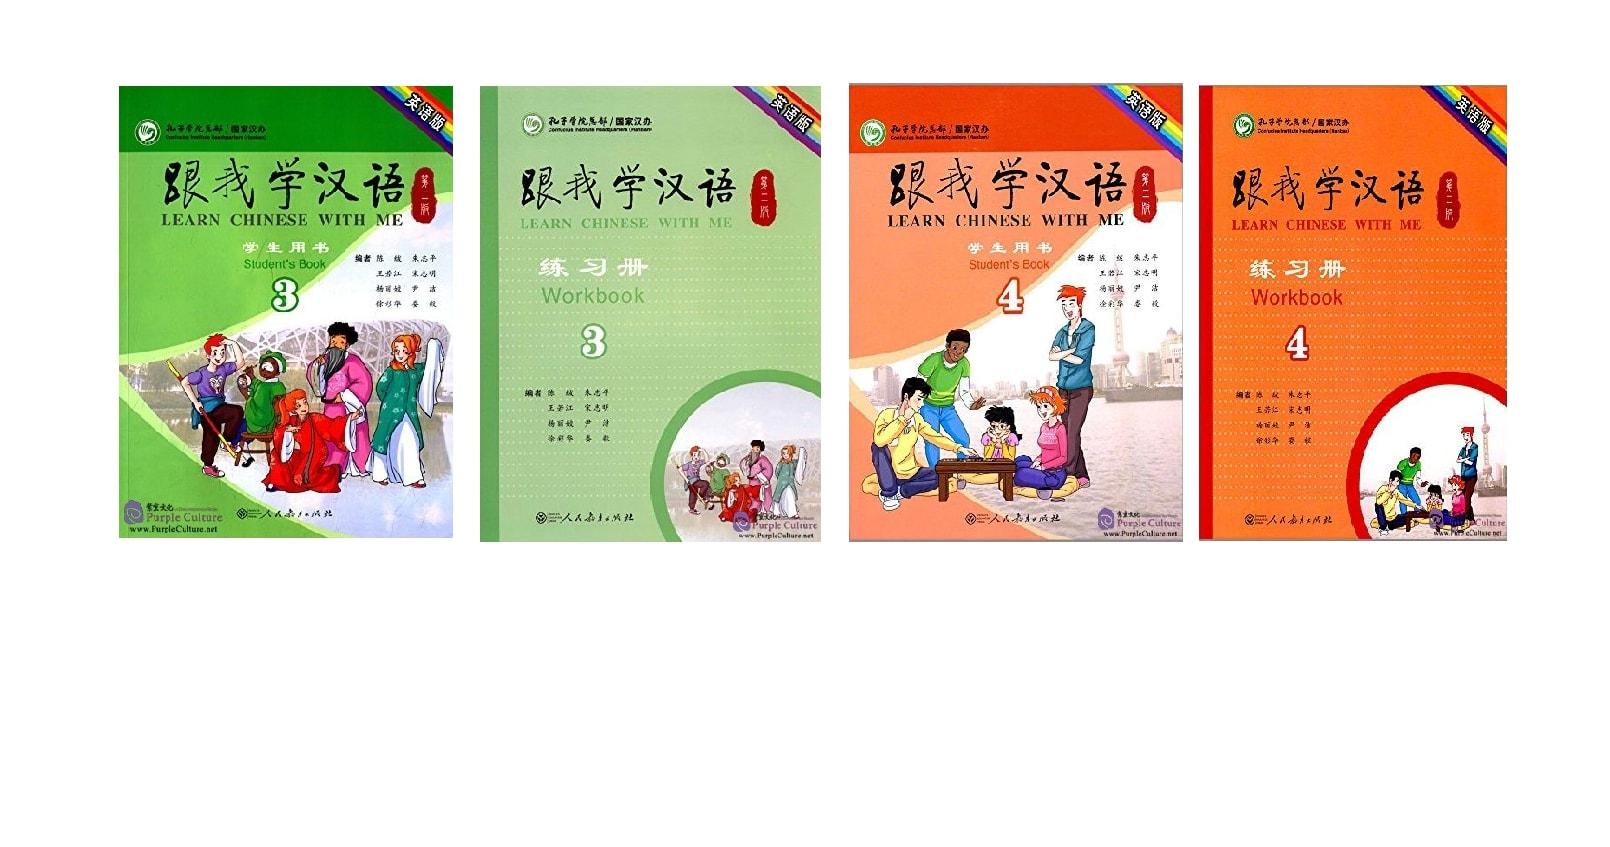 כל ספרי סינית שנה ב' האוניברסיטה העברית